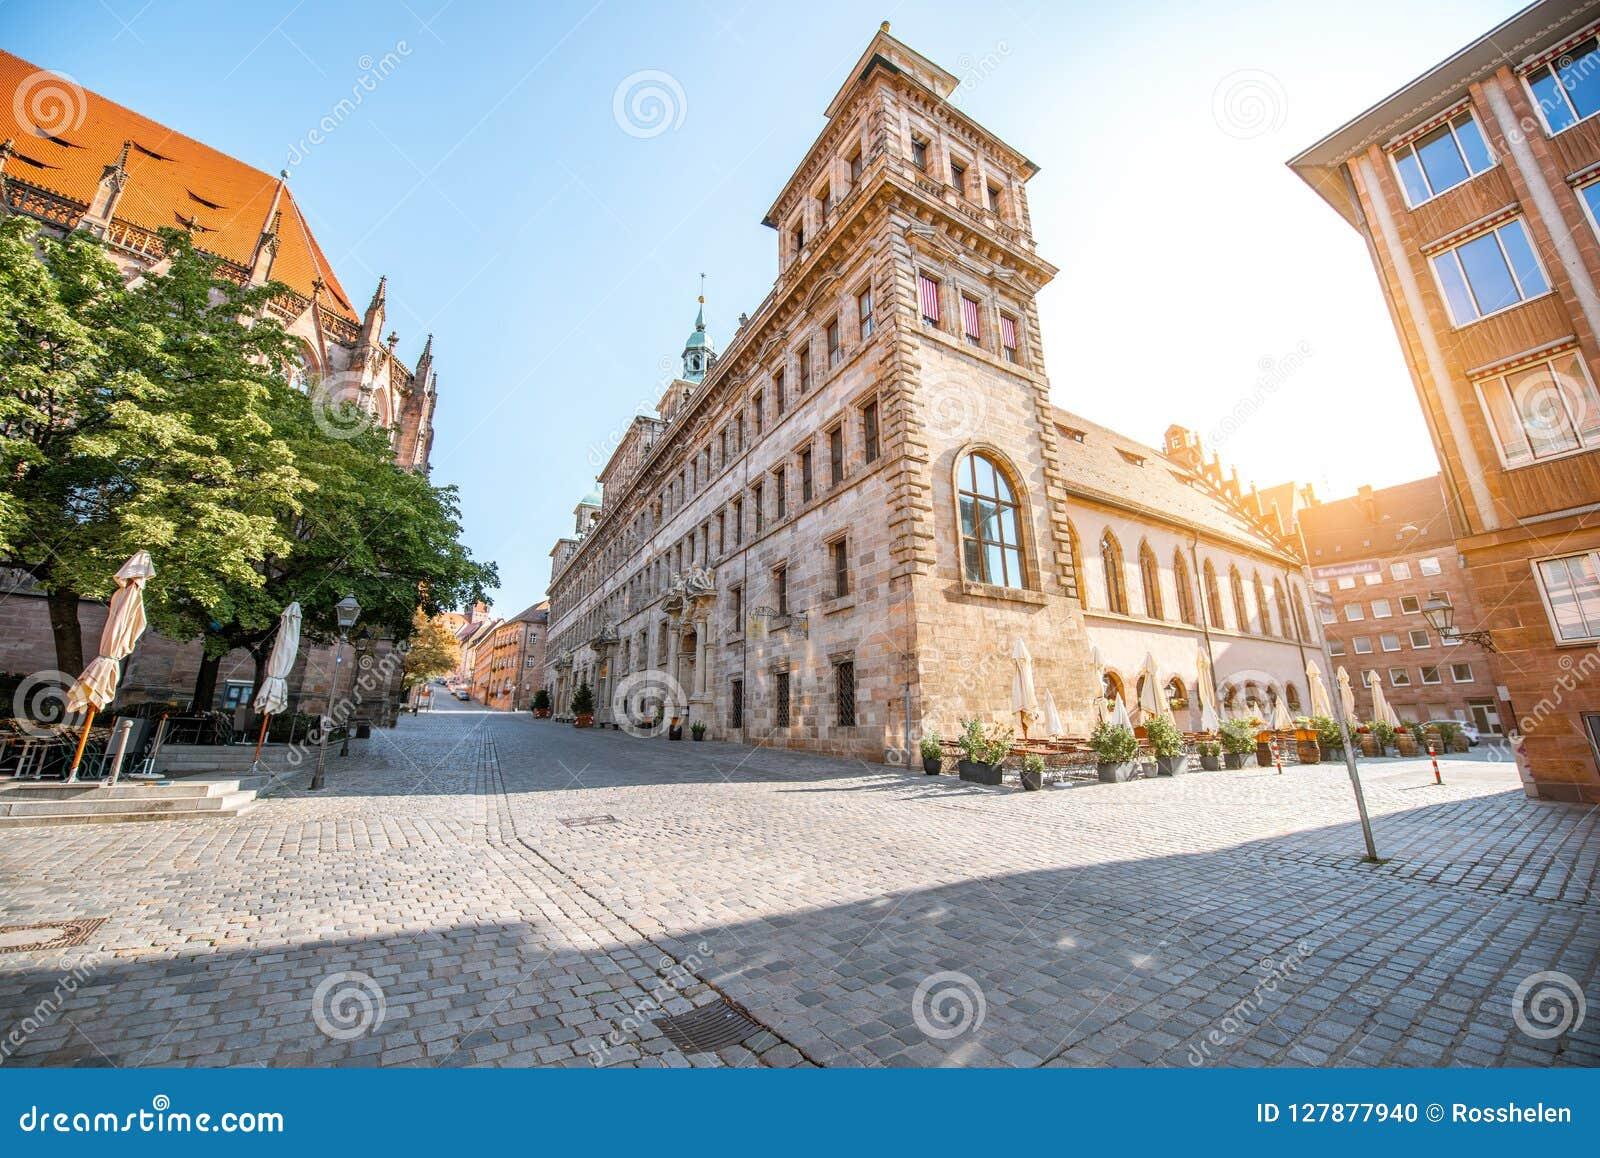 Hôtel de ville dans Nurnberg, Allemagne